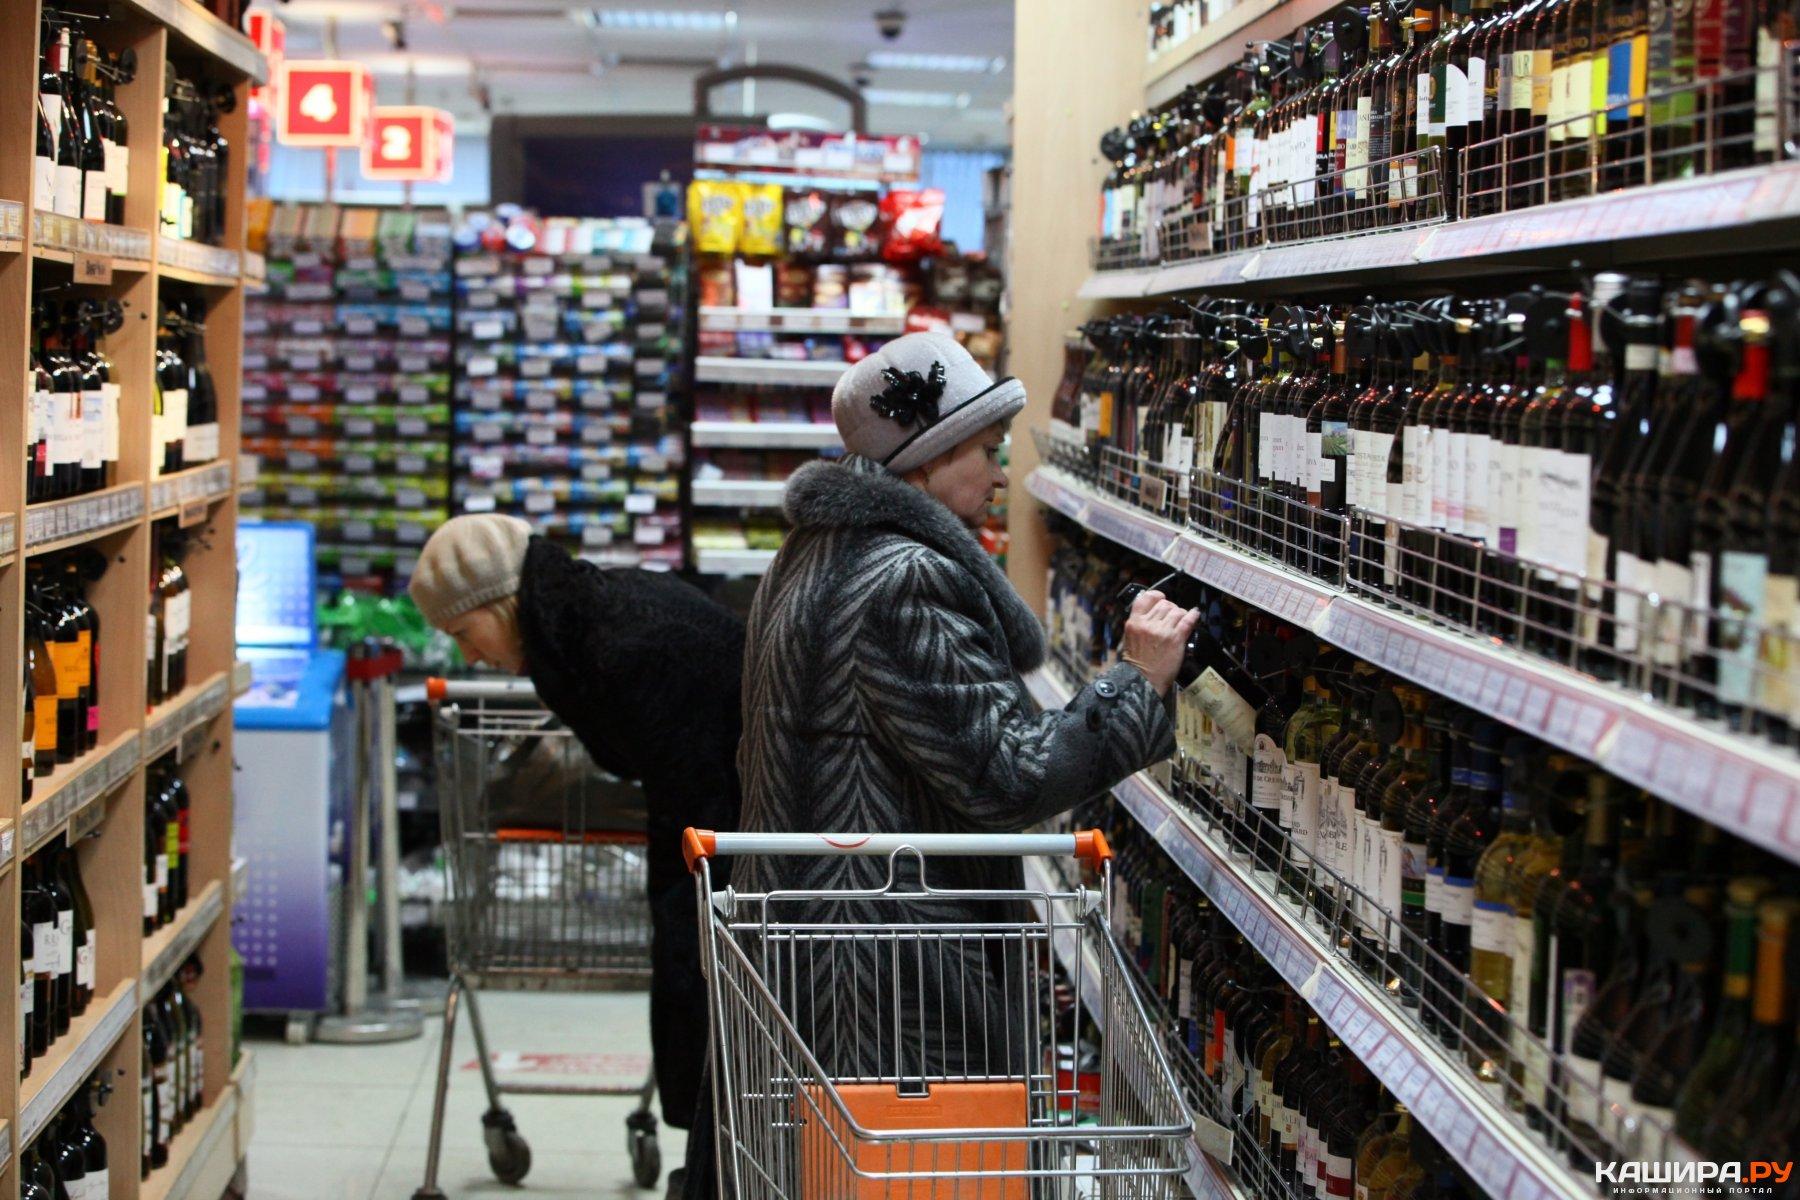 Картинки о торговле алкоголем